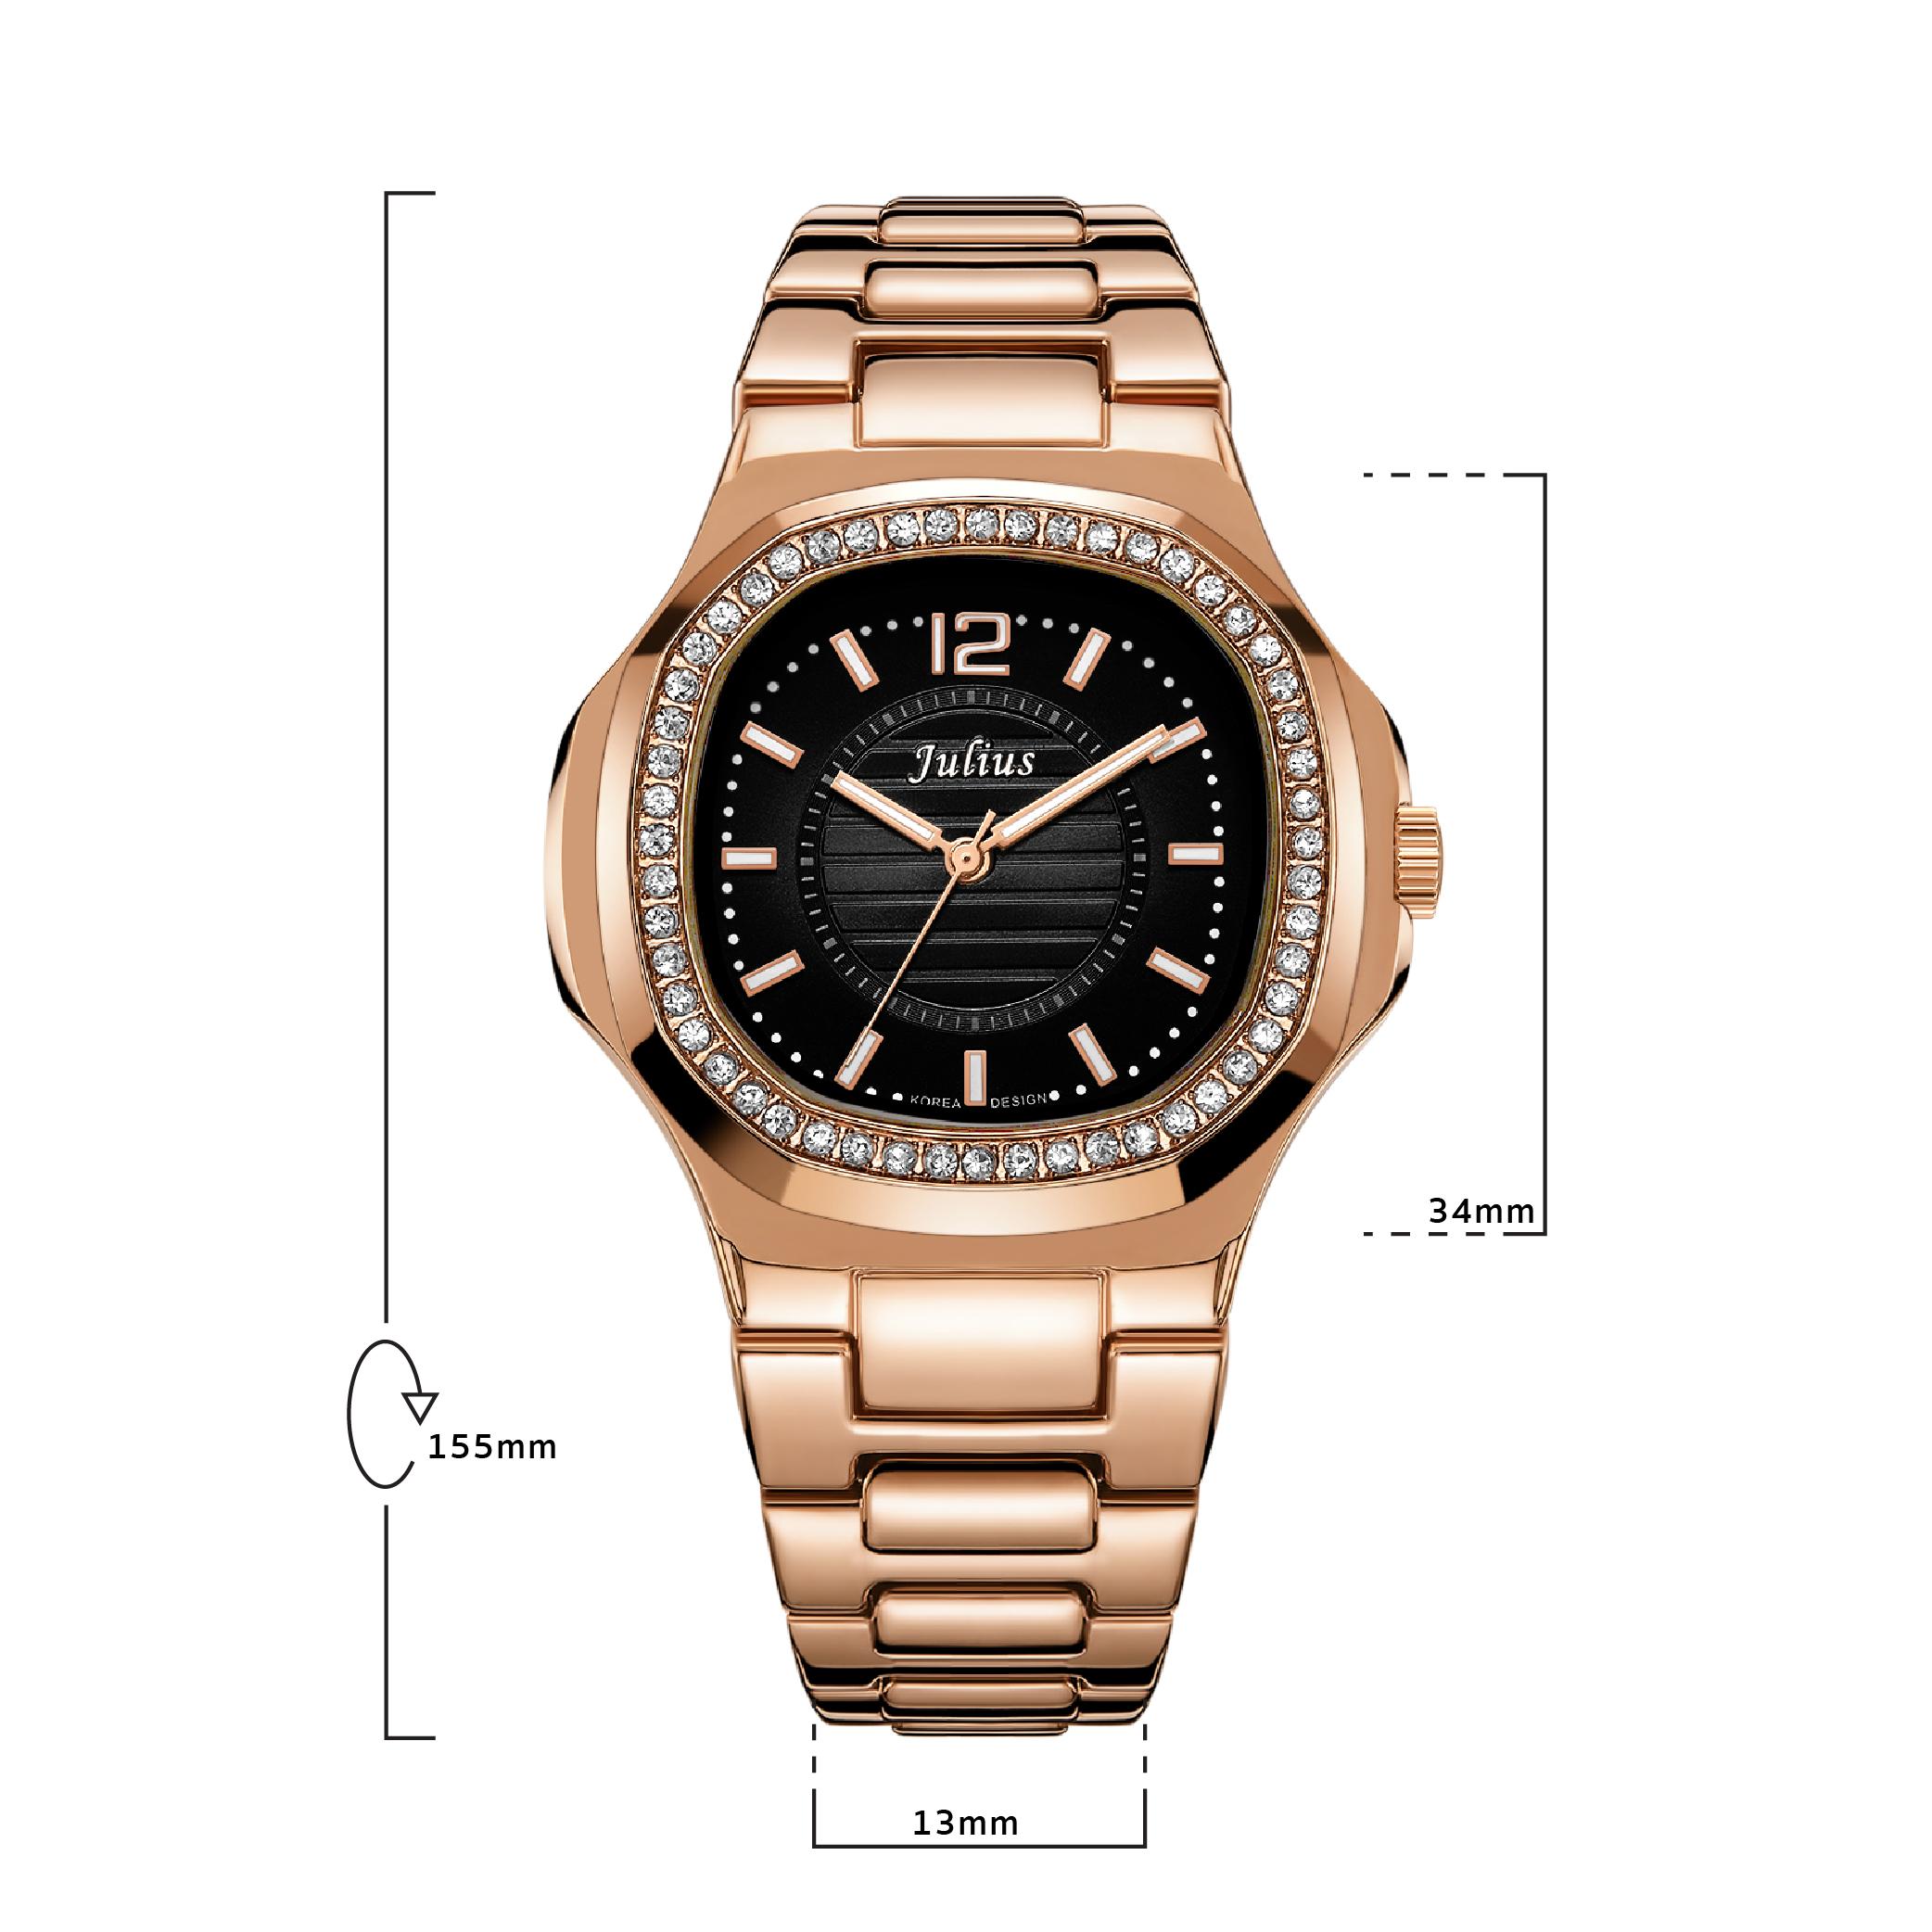 นาฬิกาข้อมือผู้หญิง JULIUS 711 D